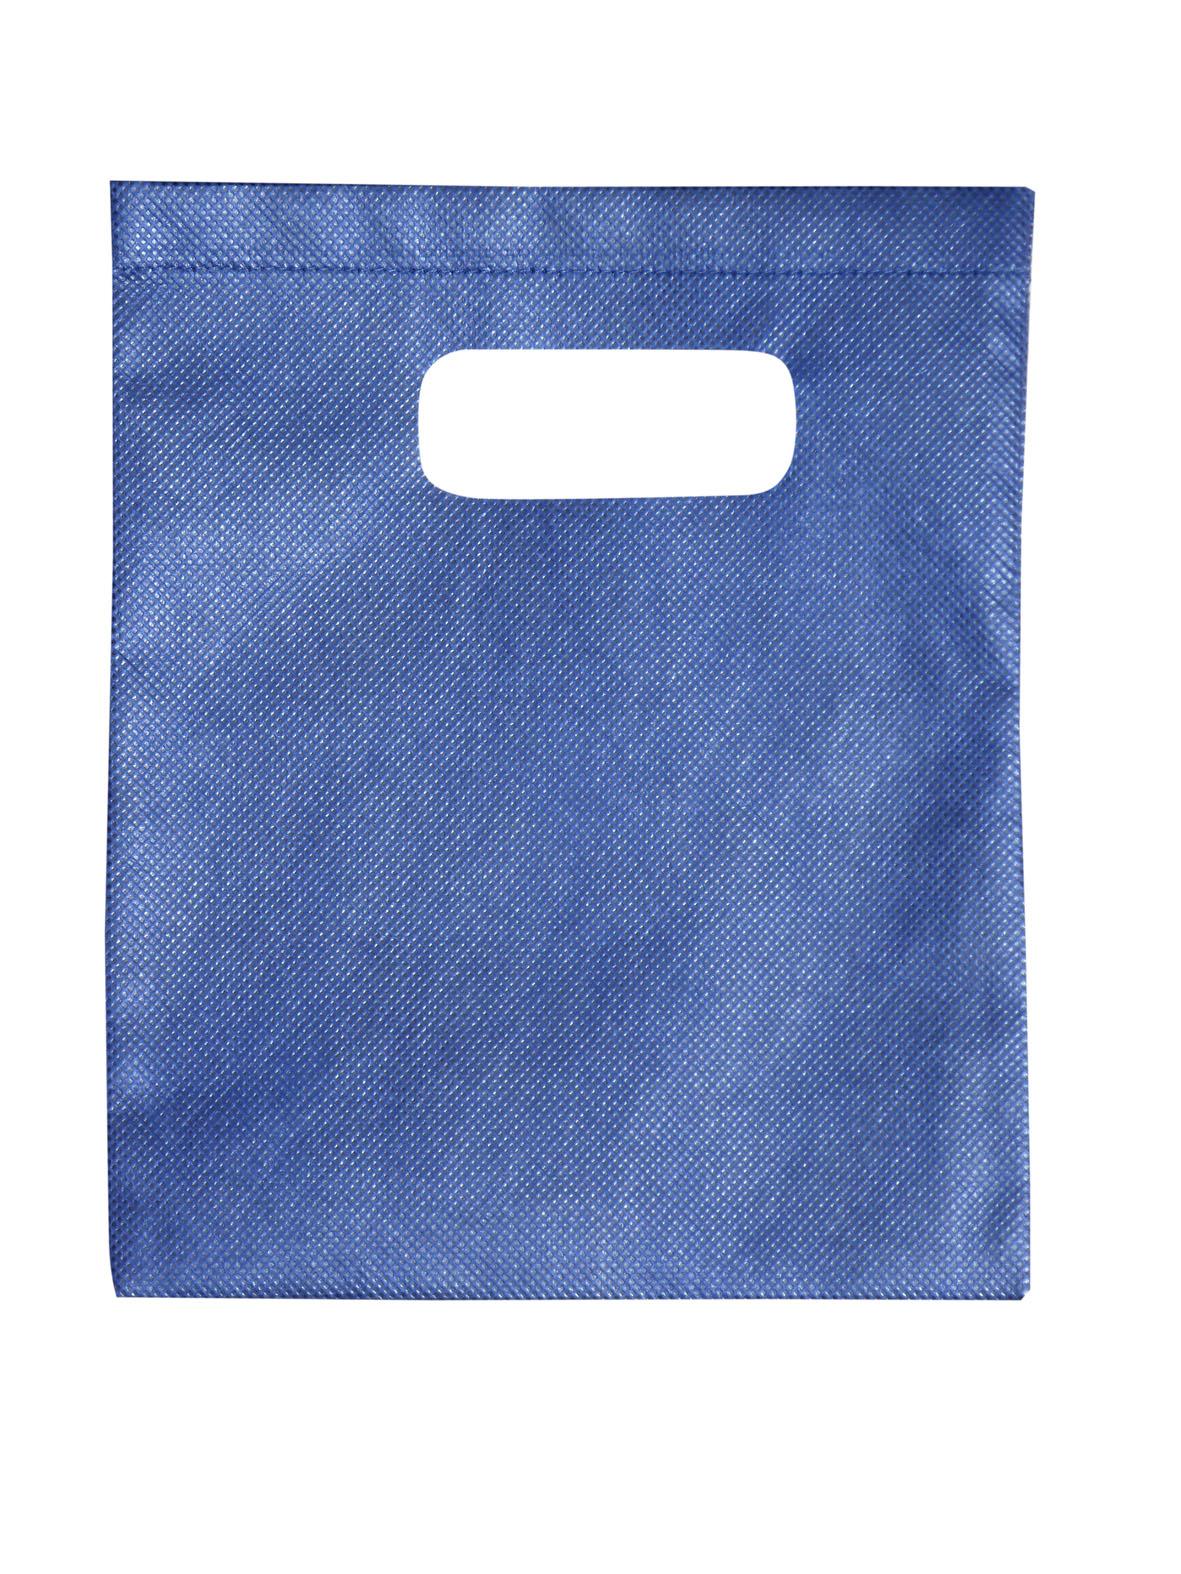 Non-Woven Gift Bag - Small